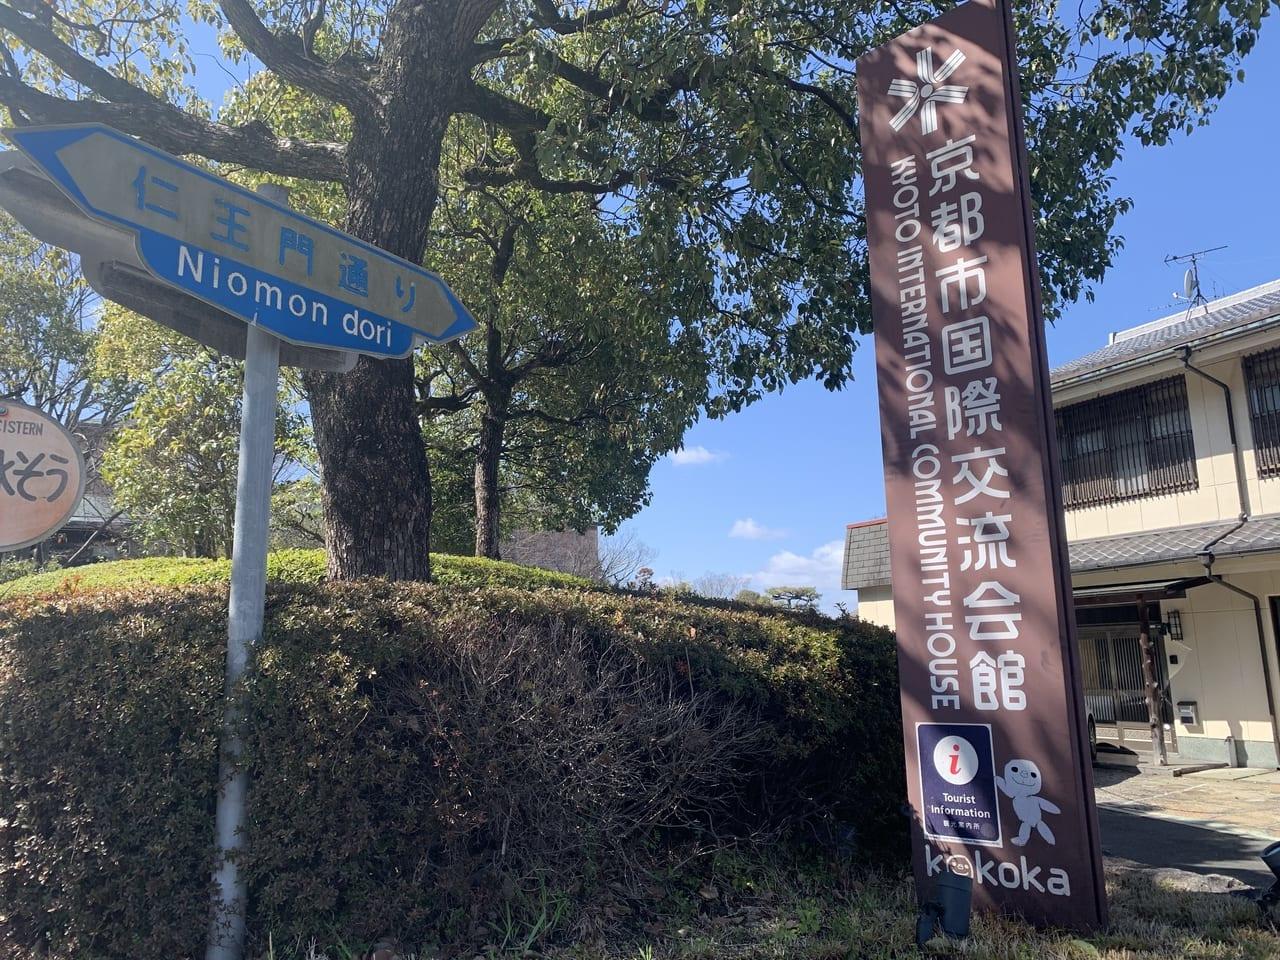 kokoka京都市国際交流館の入り口